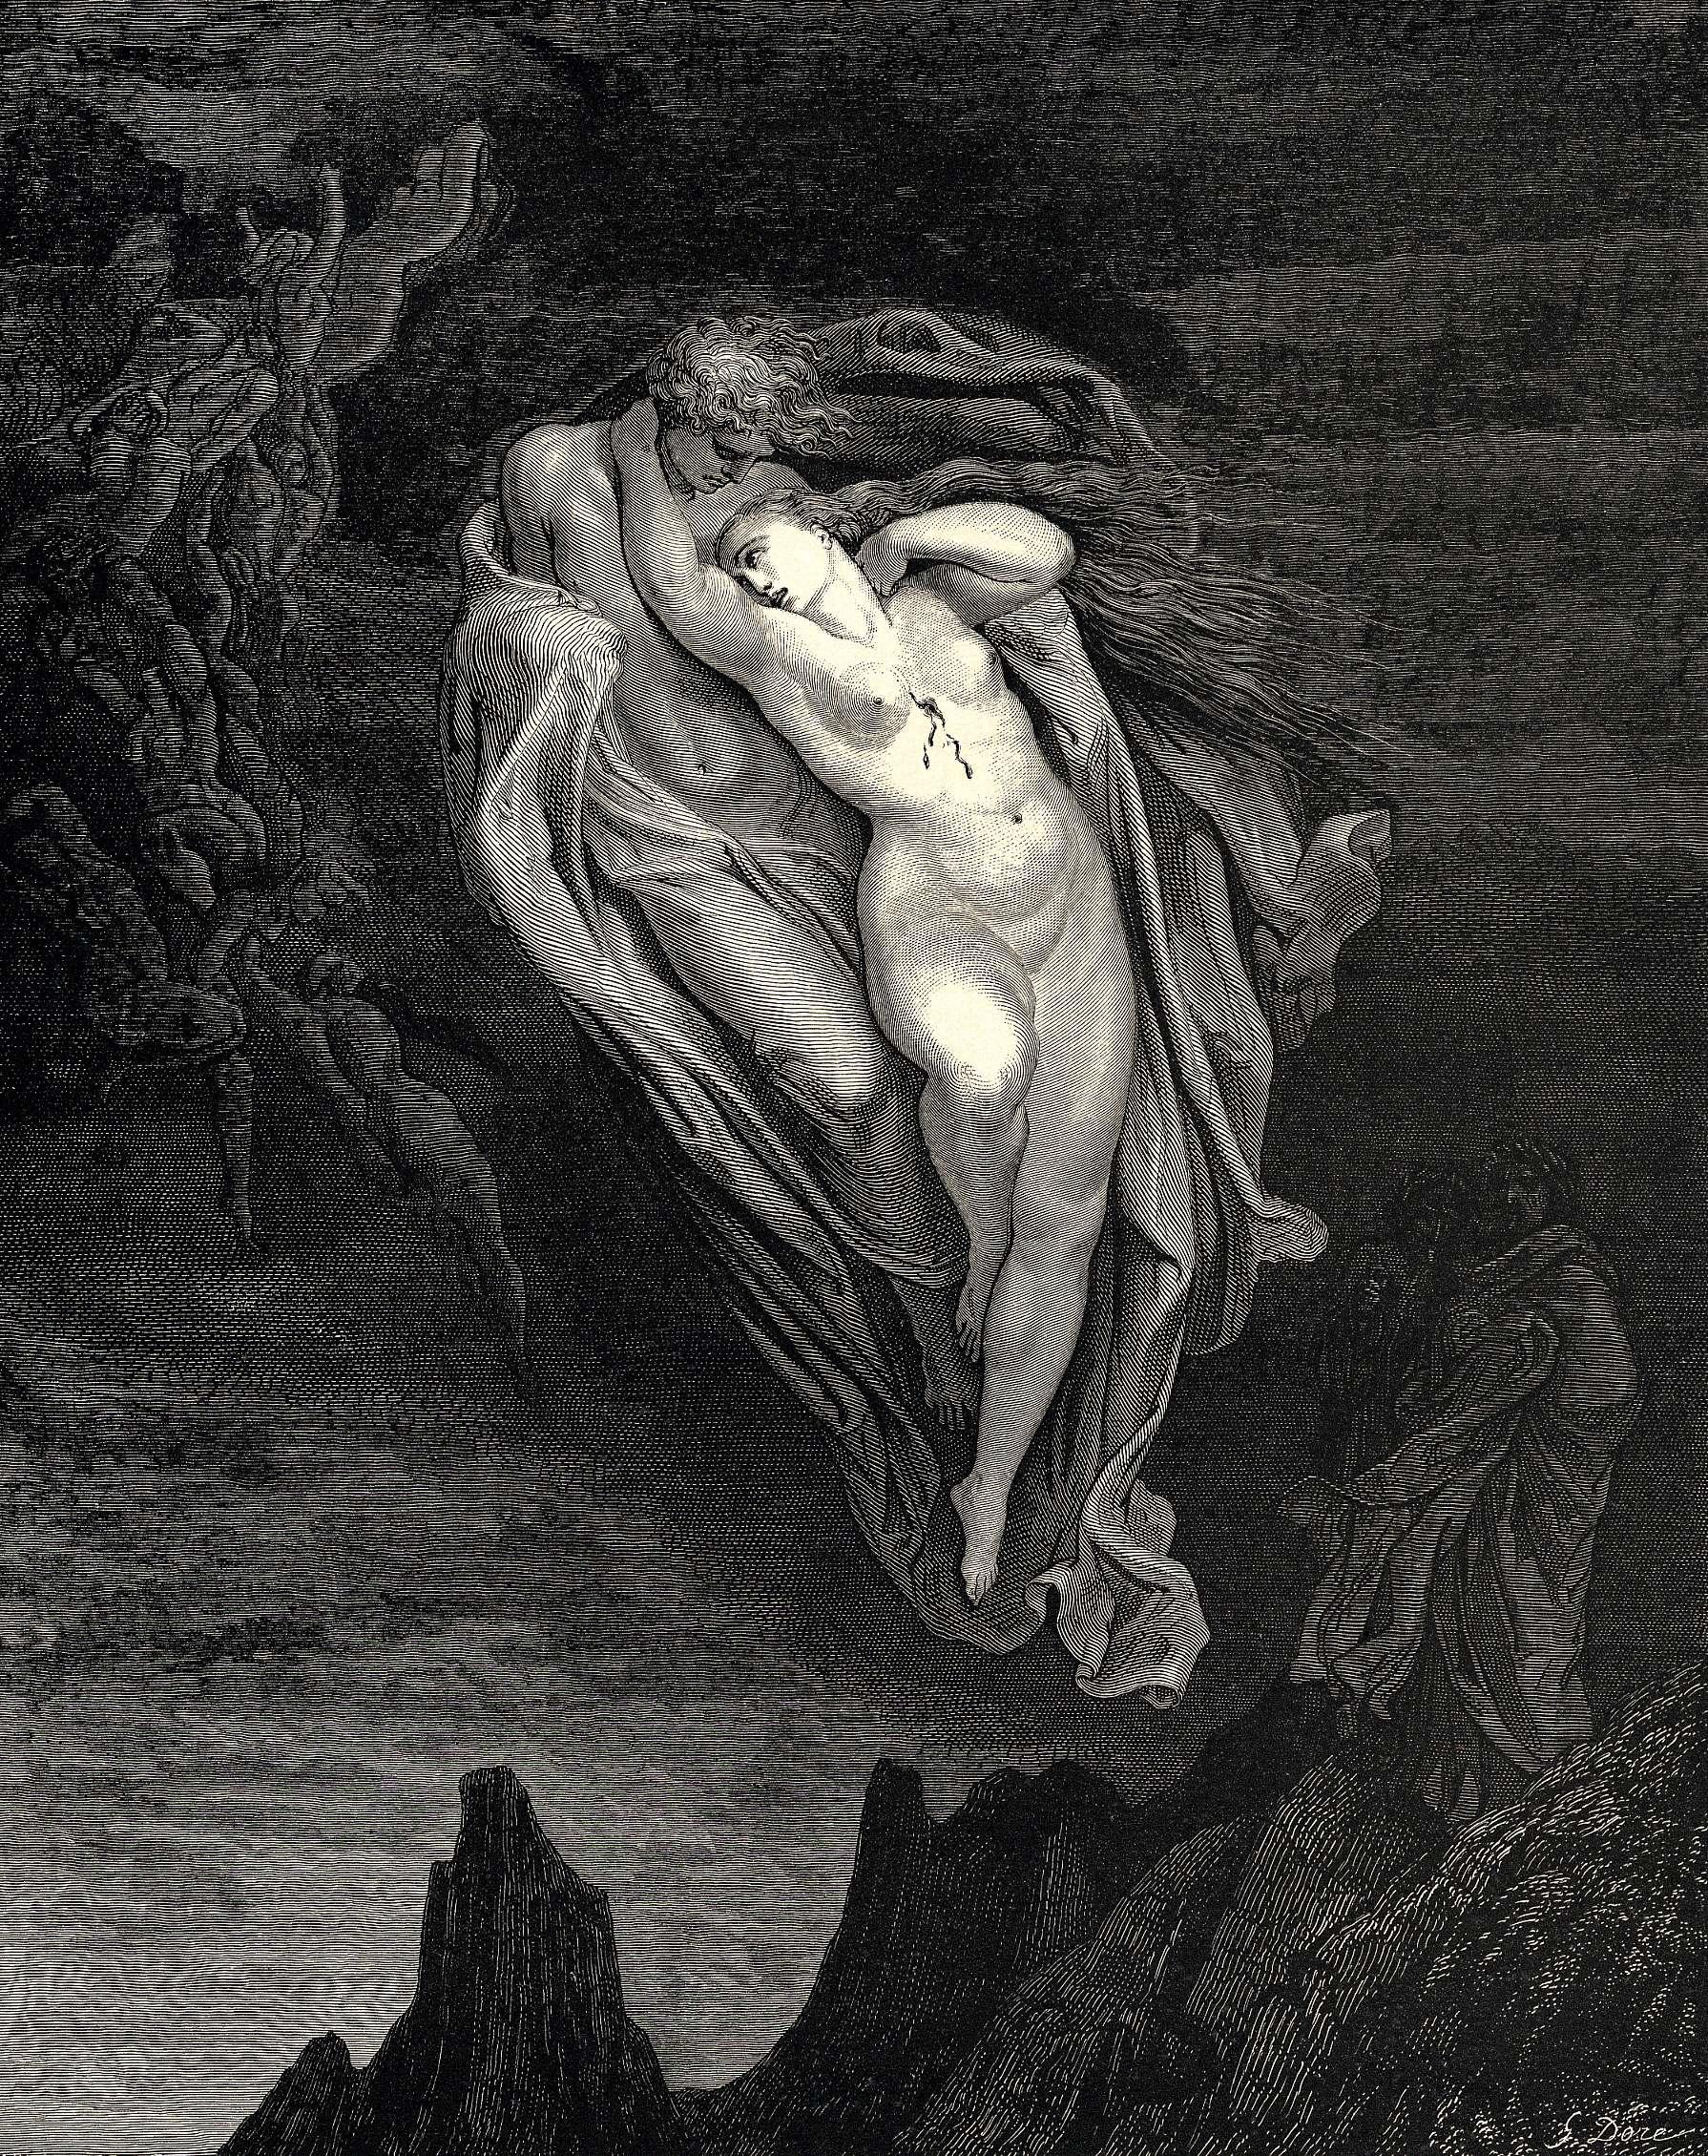 Gradara, amore e morte